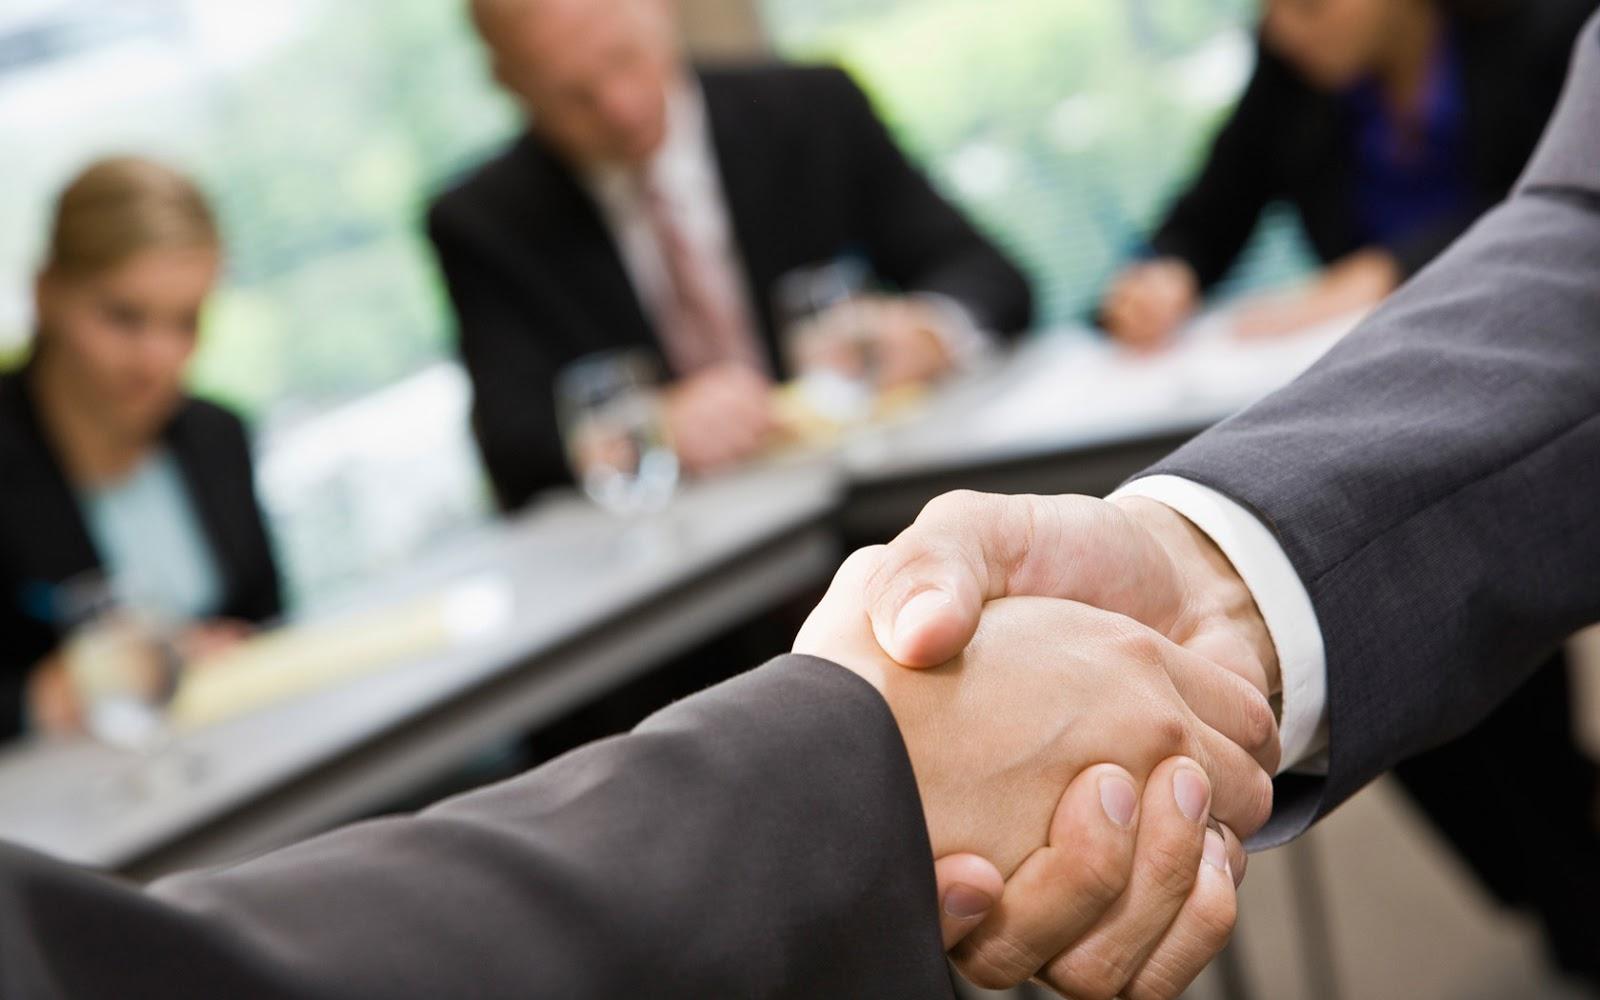 Аудит качества обслуживания: 9 шагов к идеальному продавцу